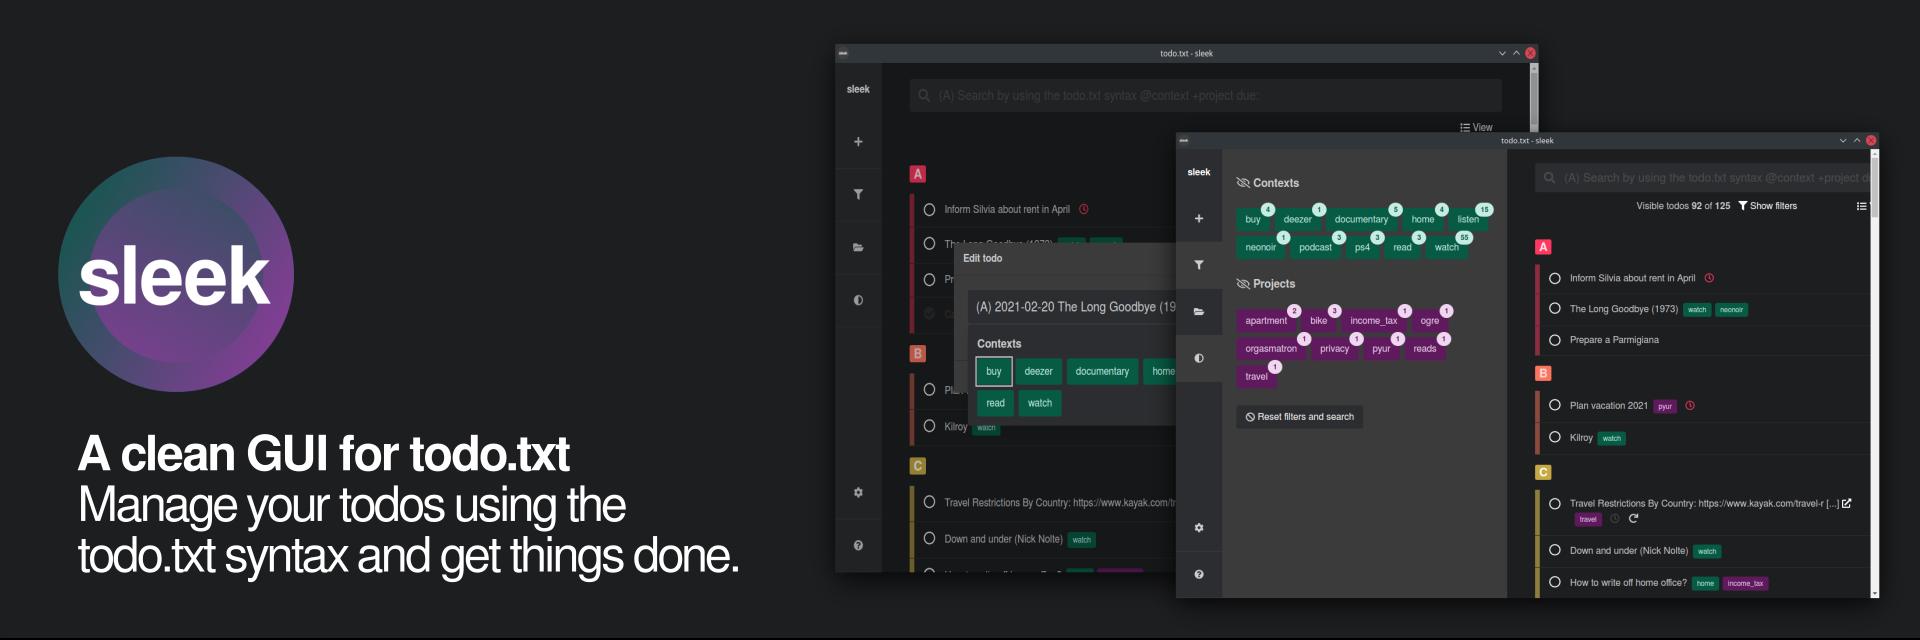 sleek - Todo.txt app for Linux banner